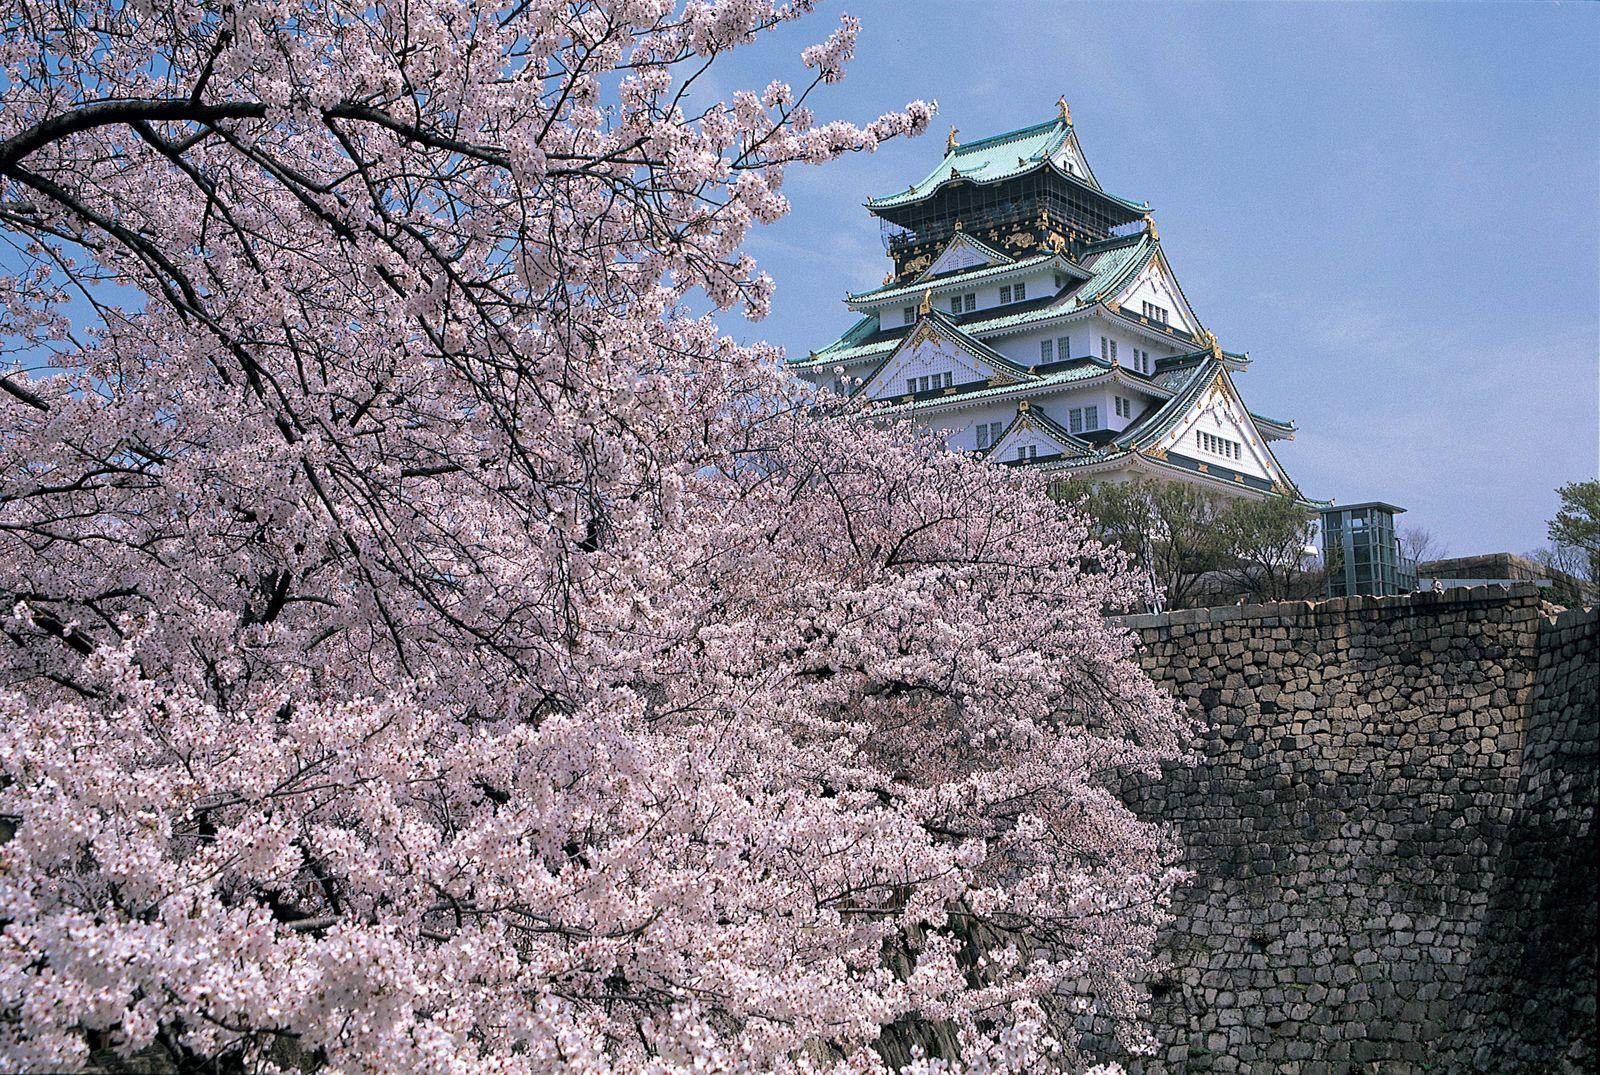 この春は三都へ!2019年春の「京都・大阪・神戸」おすすめスポット17選